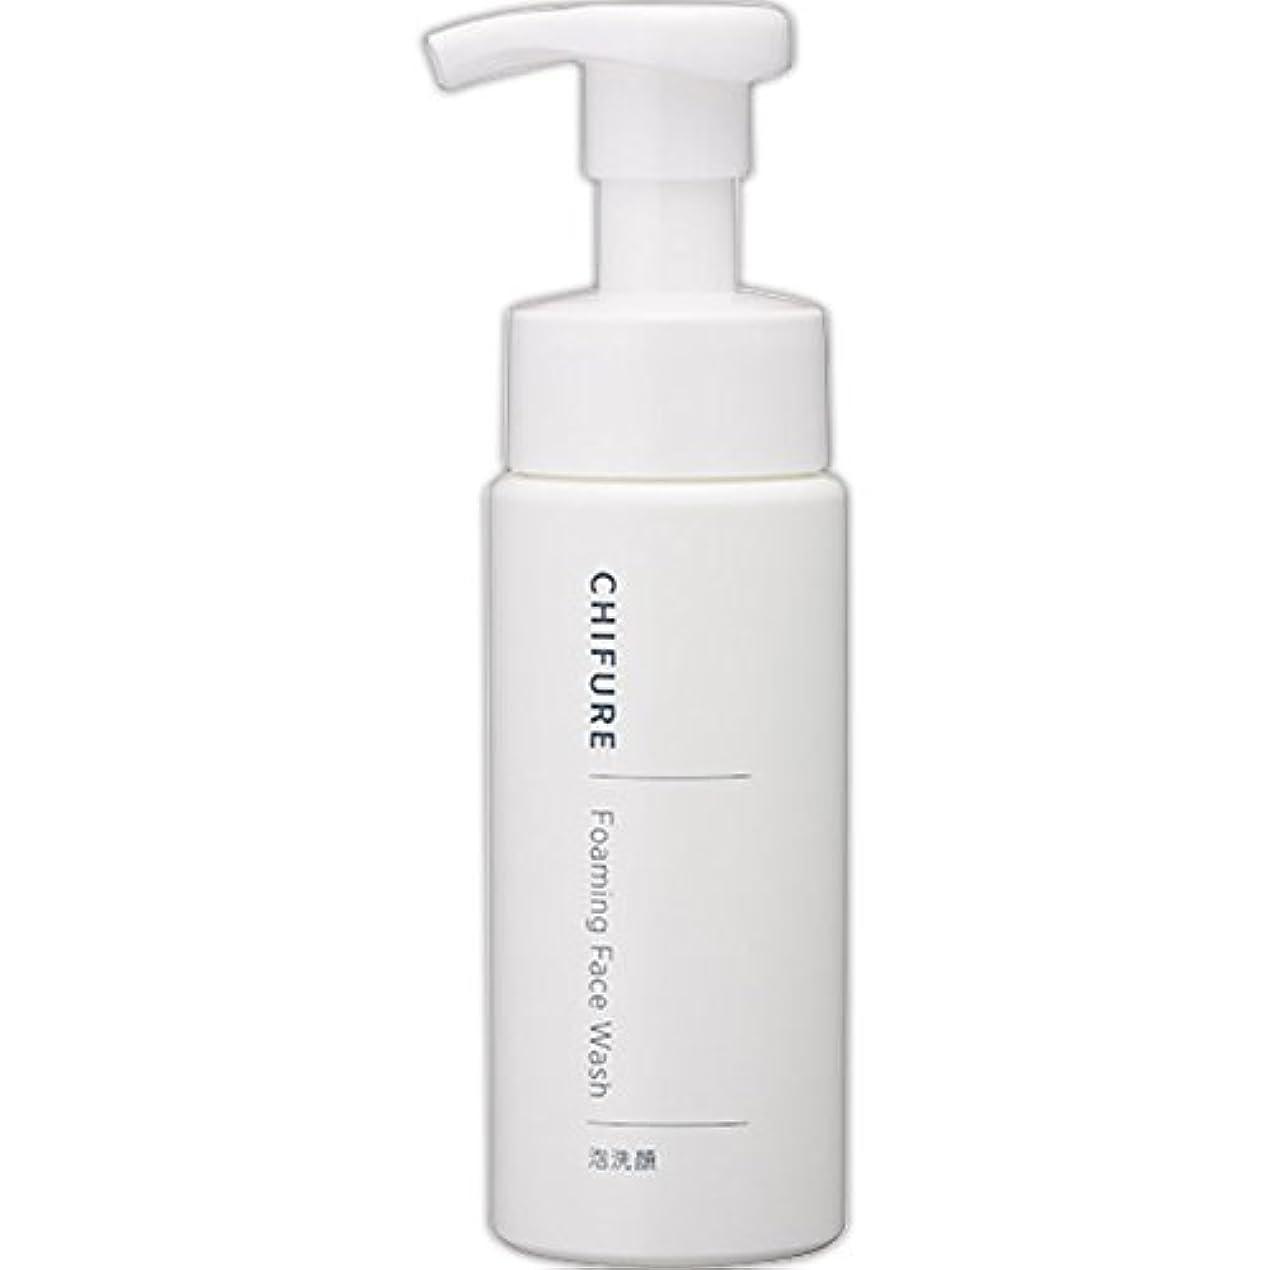 自己尊重容器コンチネンタルちふれ化粧品 泡洗顔 180ml